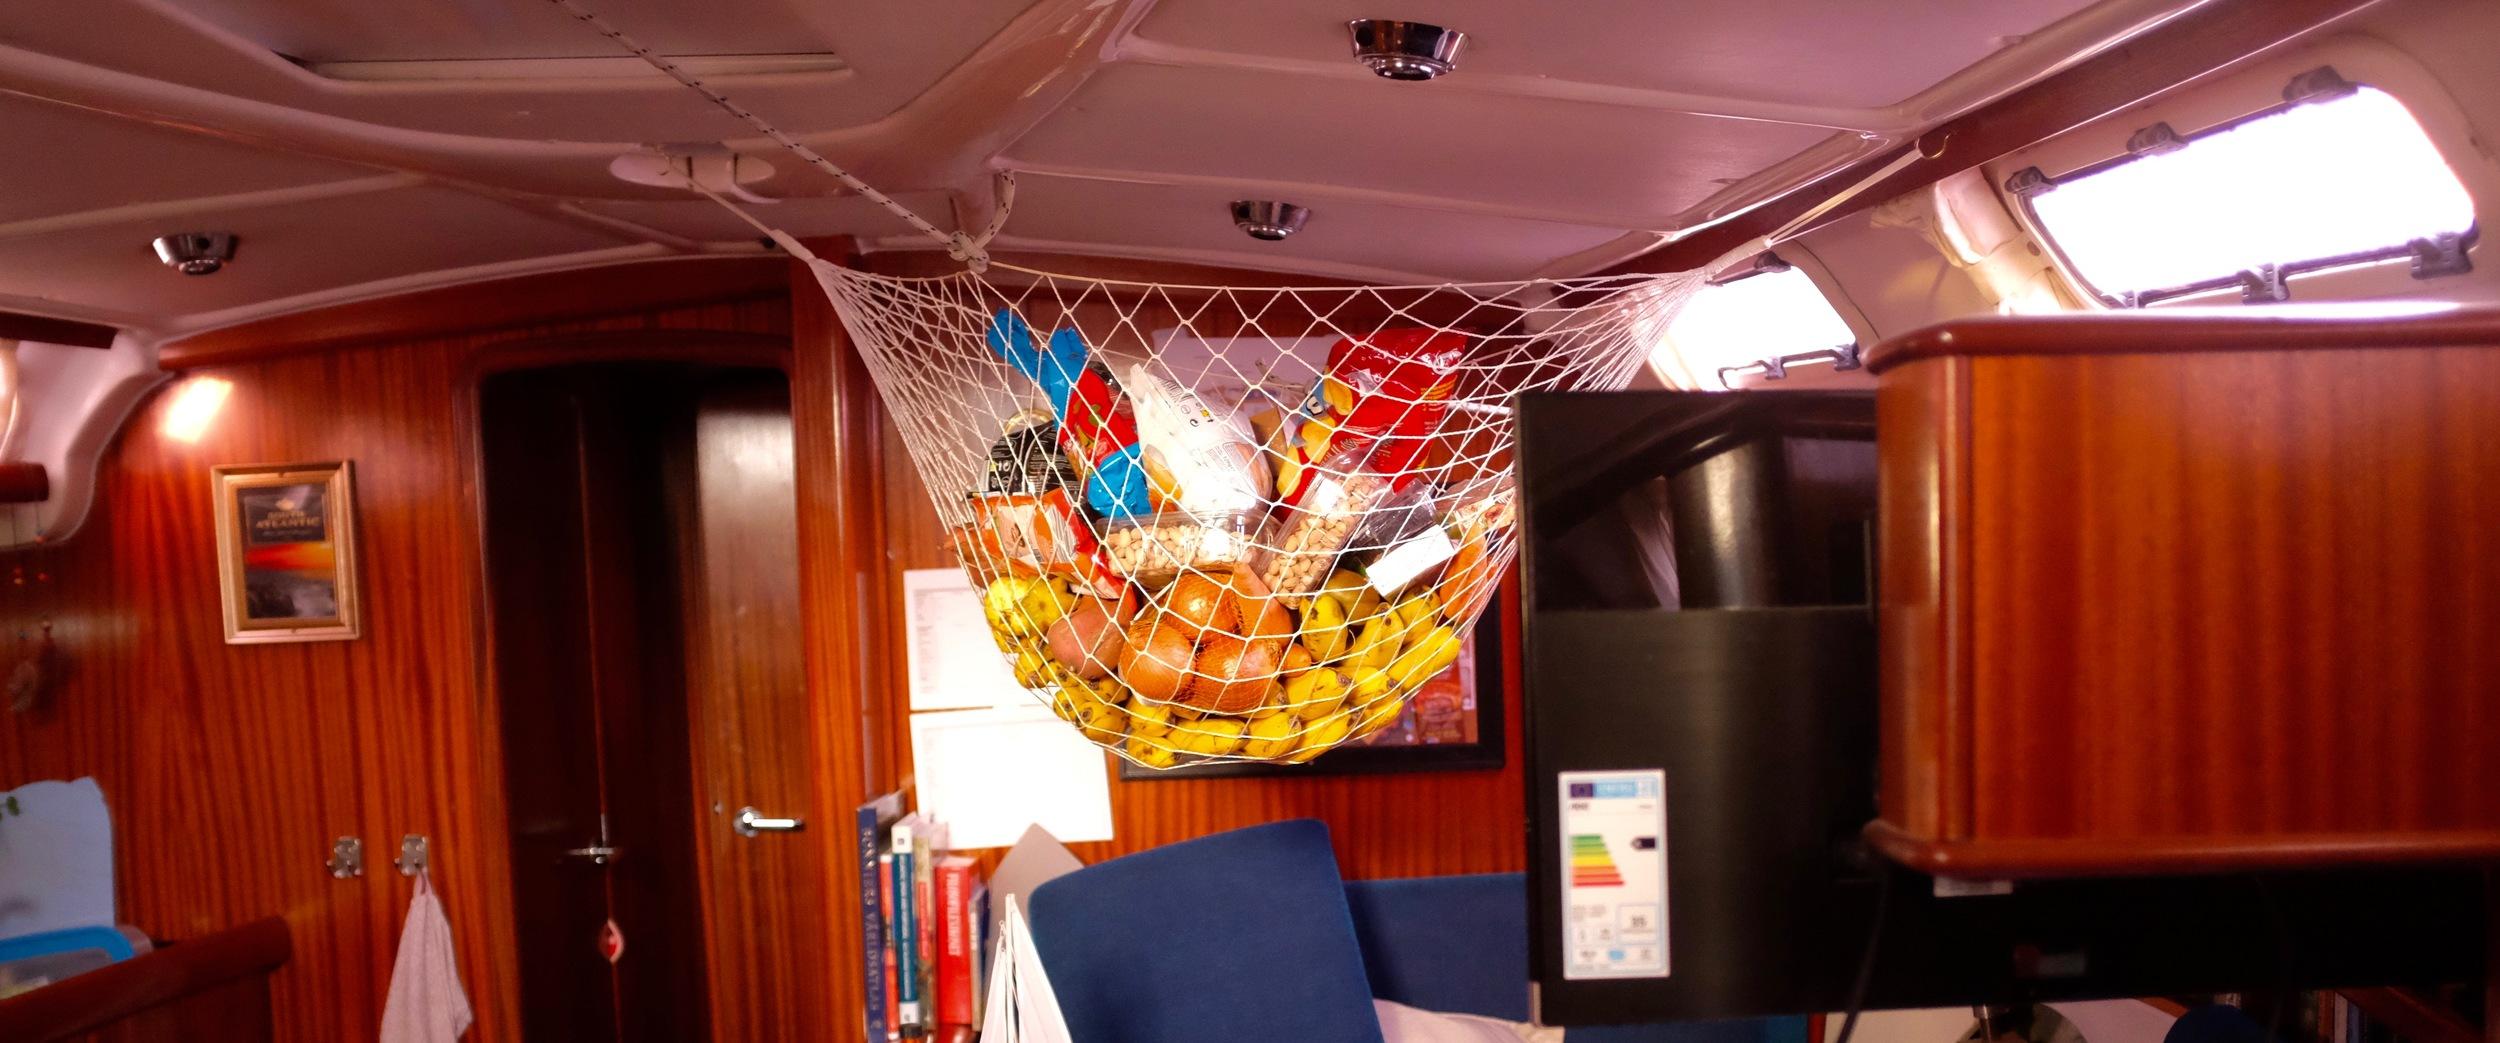 Finally got the fruit net up. :)